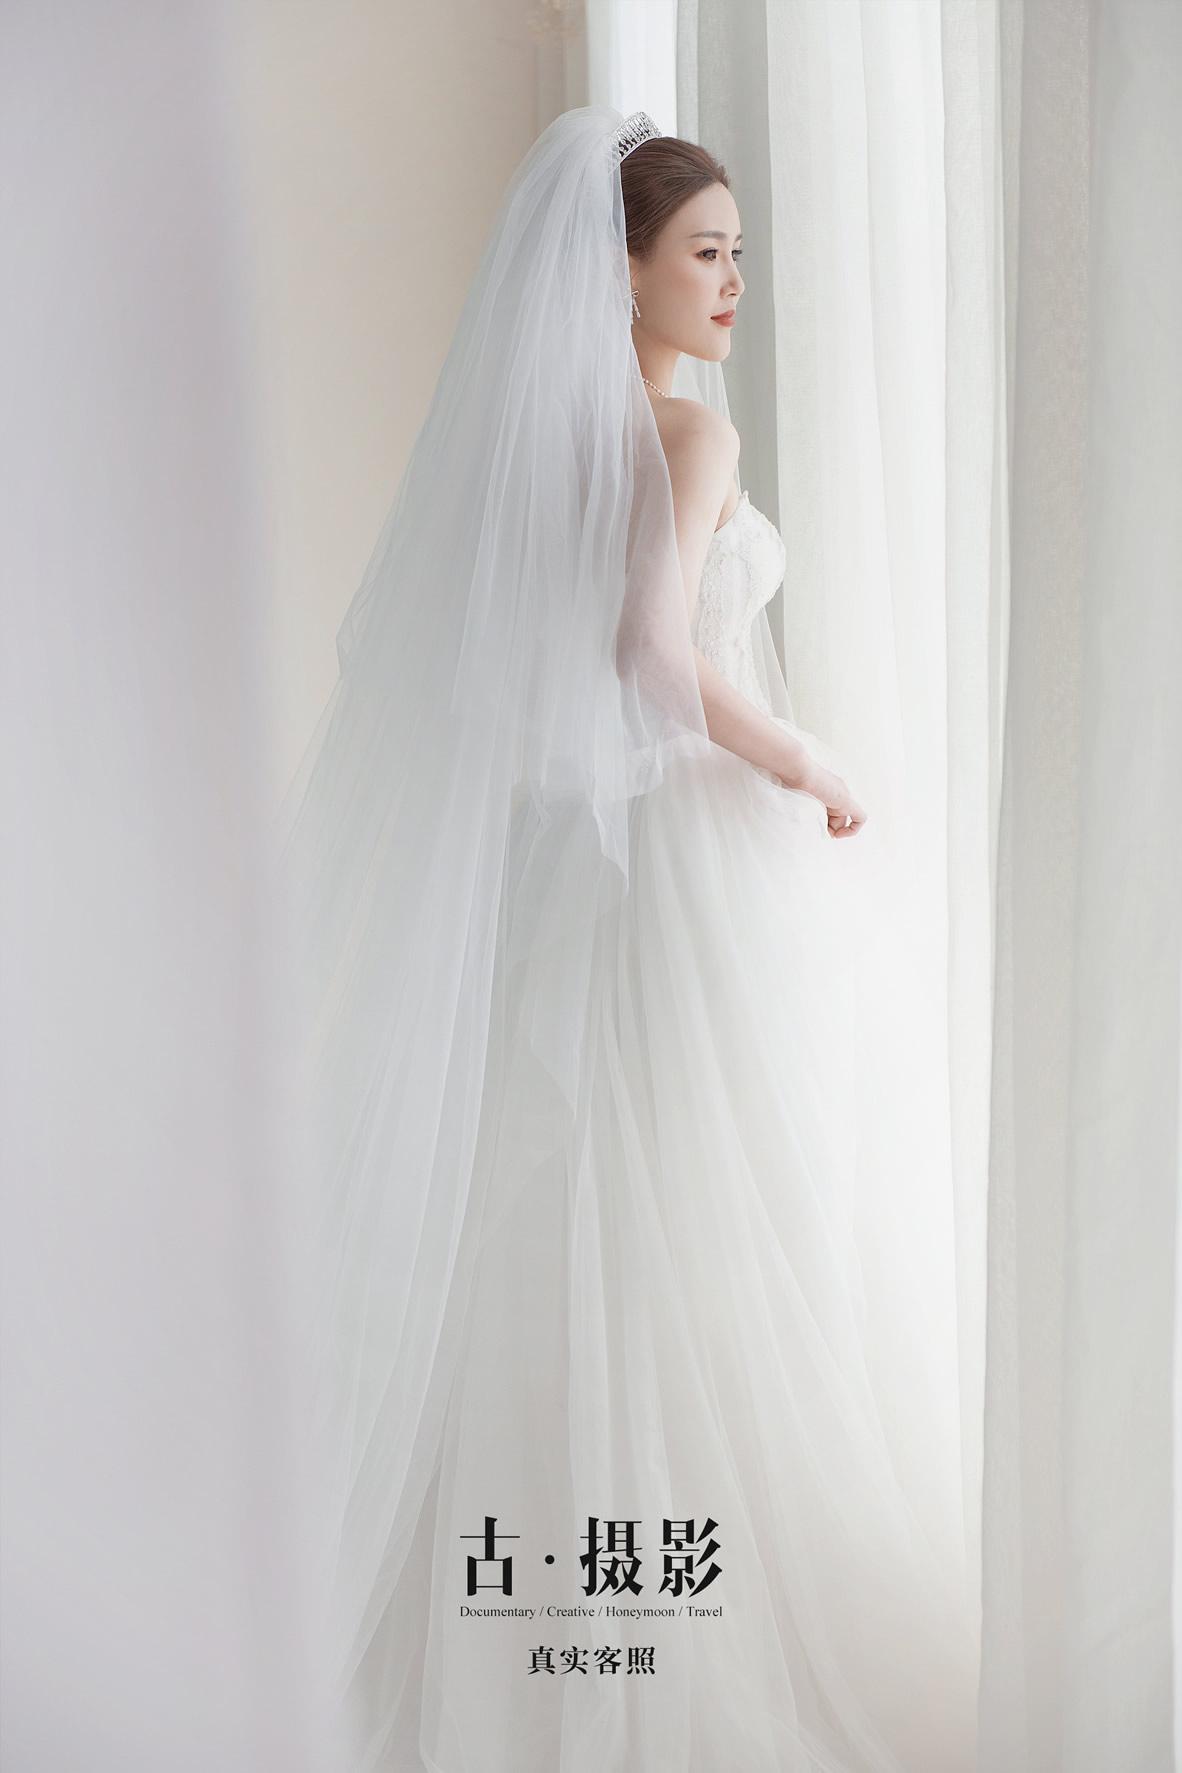 华先生 赵小姐 - 每日客照 - 古摄影婚纱艺术-古摄影成都婚纱摄影艺术摄影网